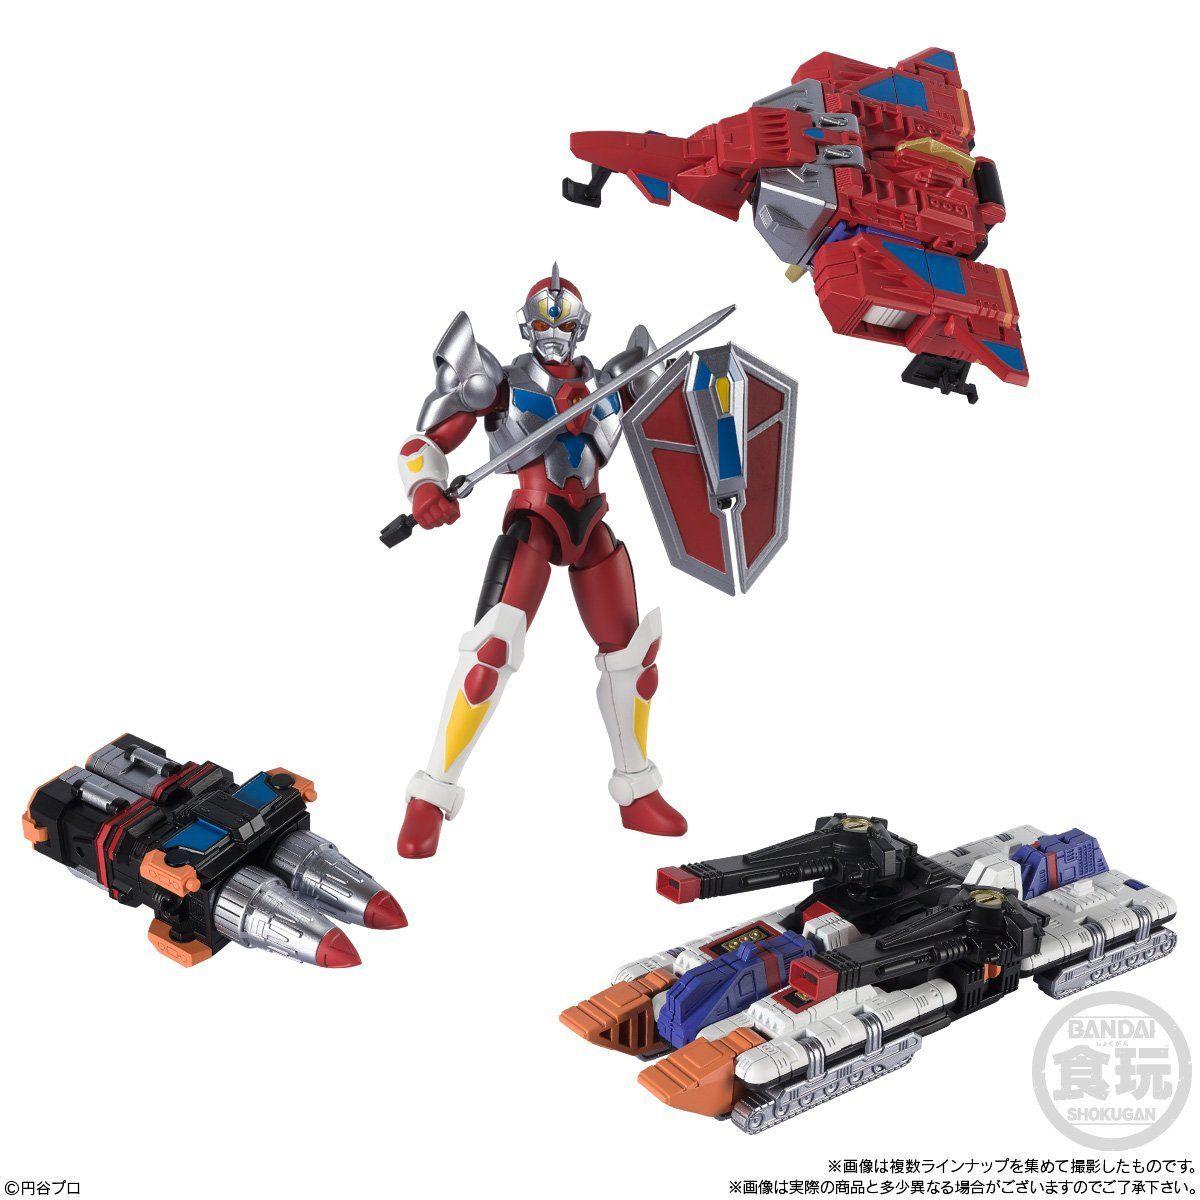 スーパーミニプラ『電光超人グリッドマン』4個入 BOX-002